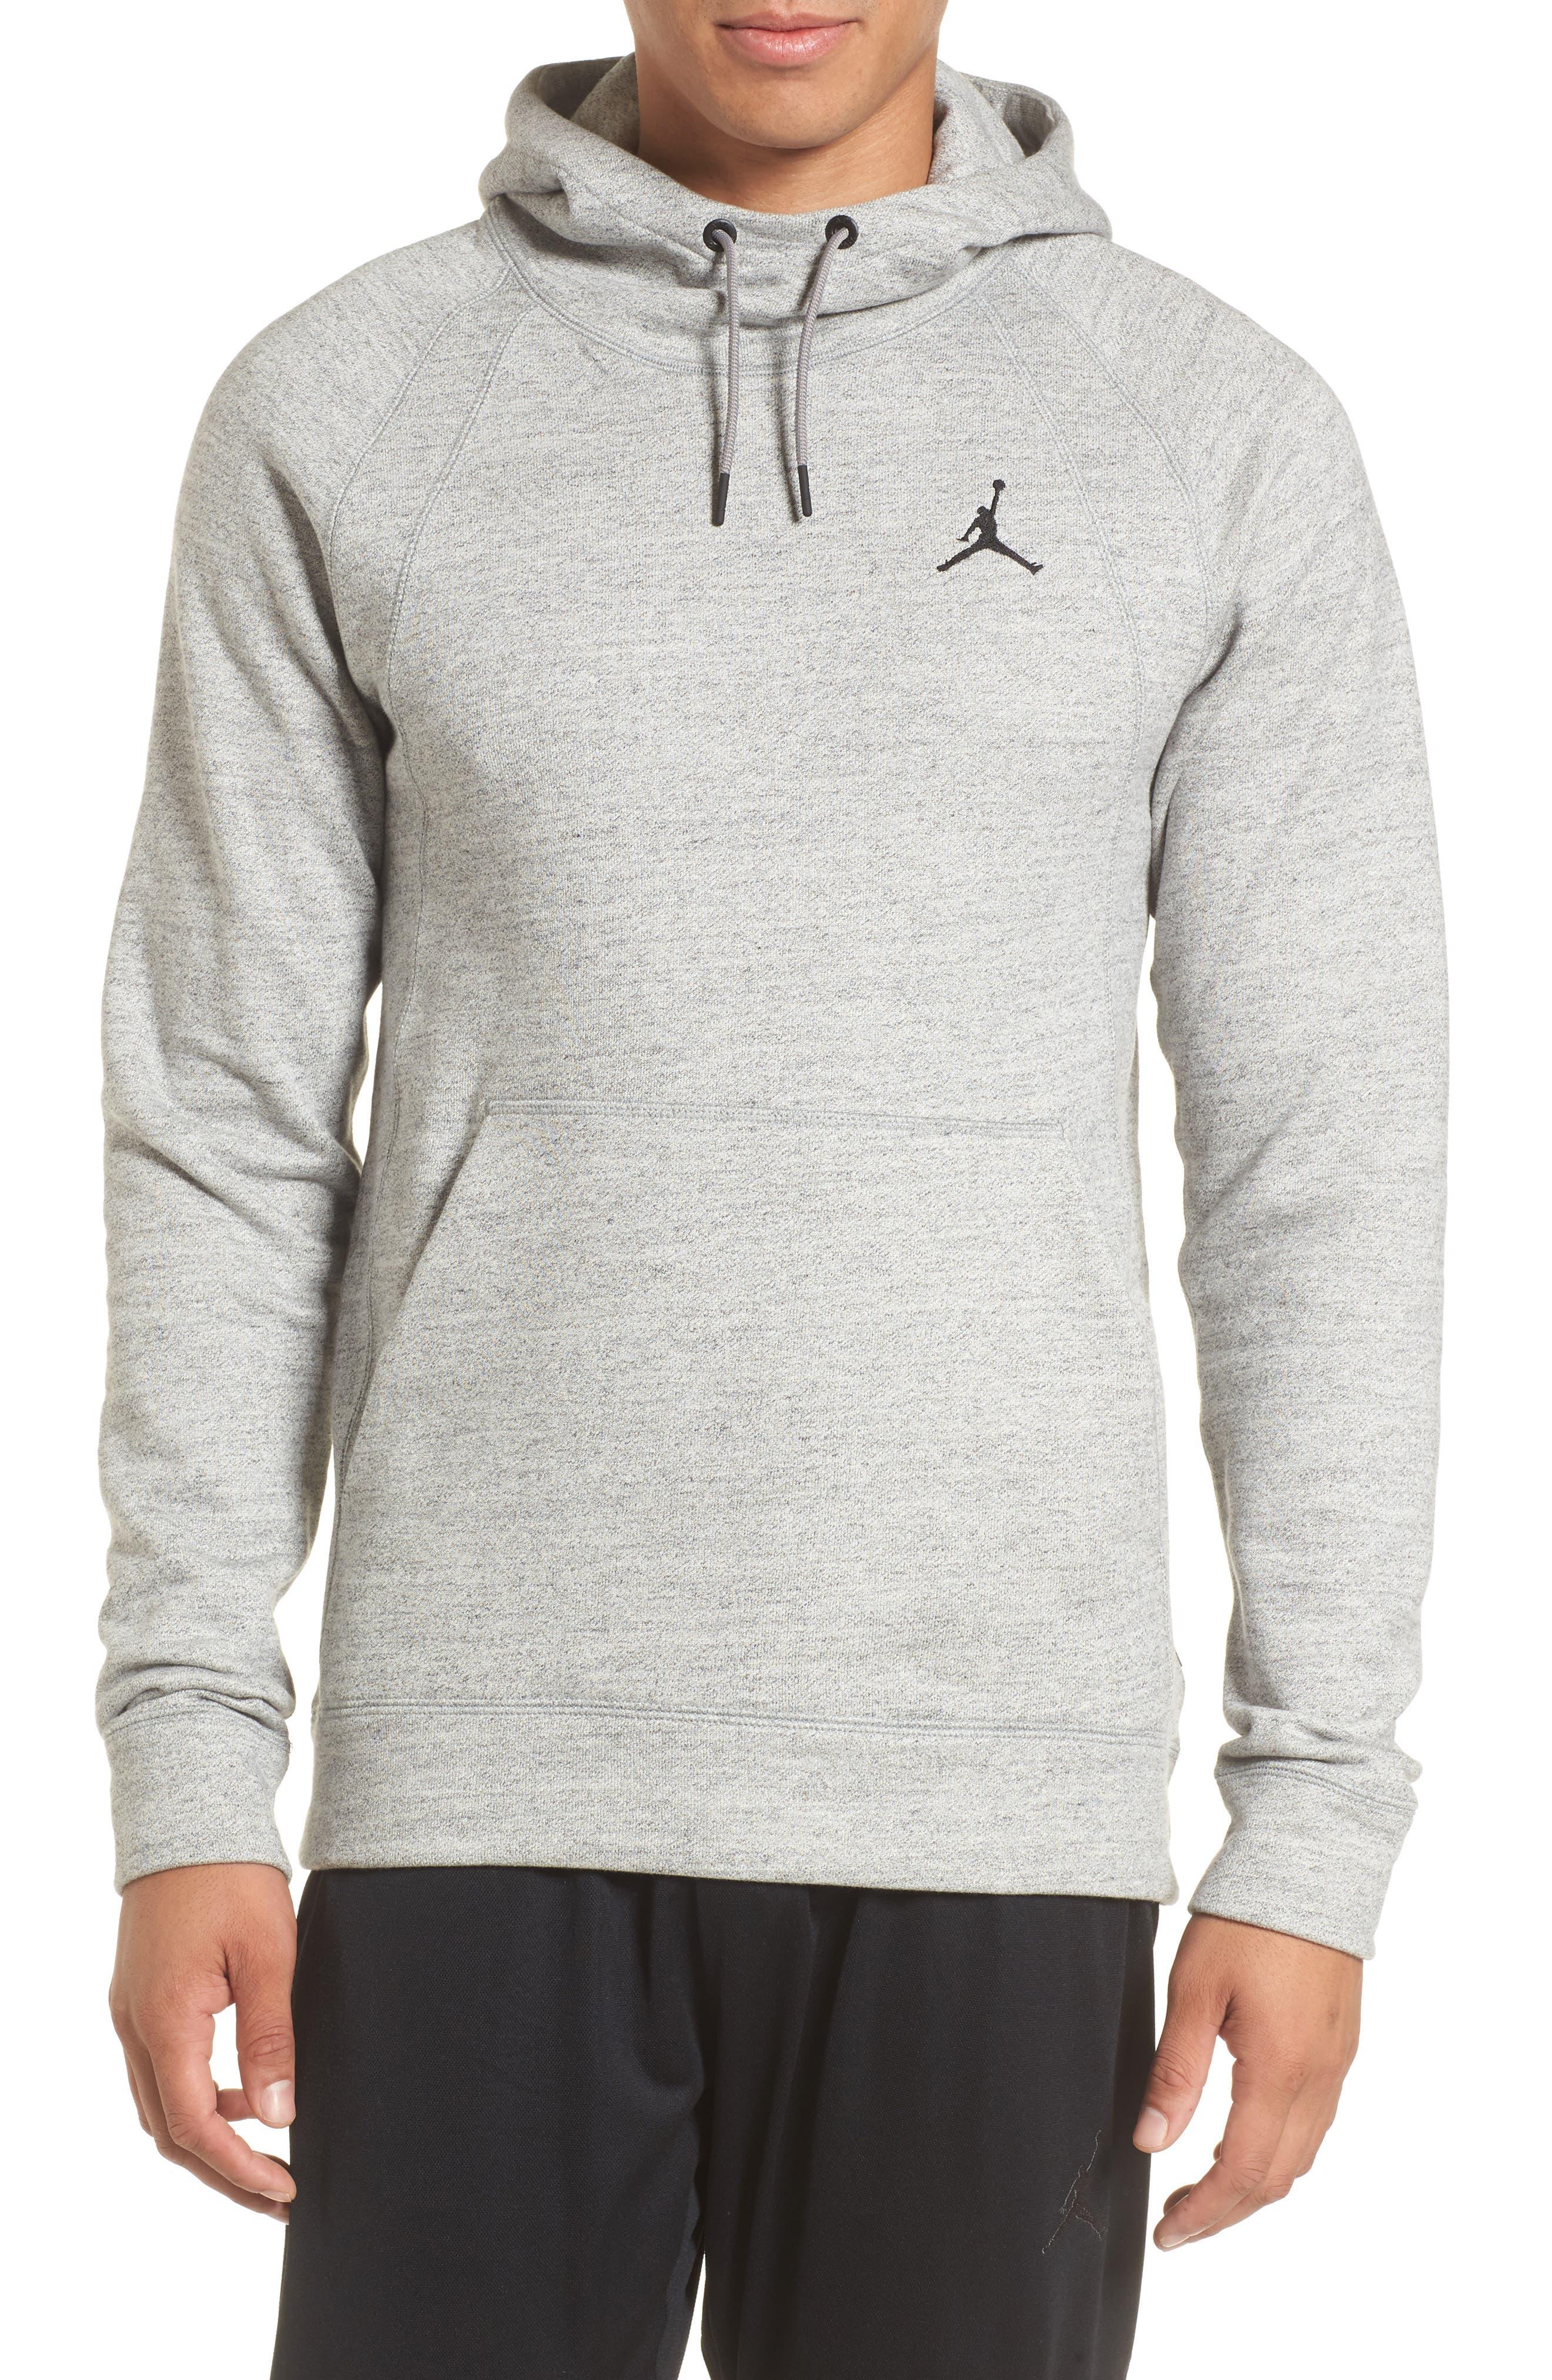 Main Image - Nike Jordan Sportswear Fleece Hoodie